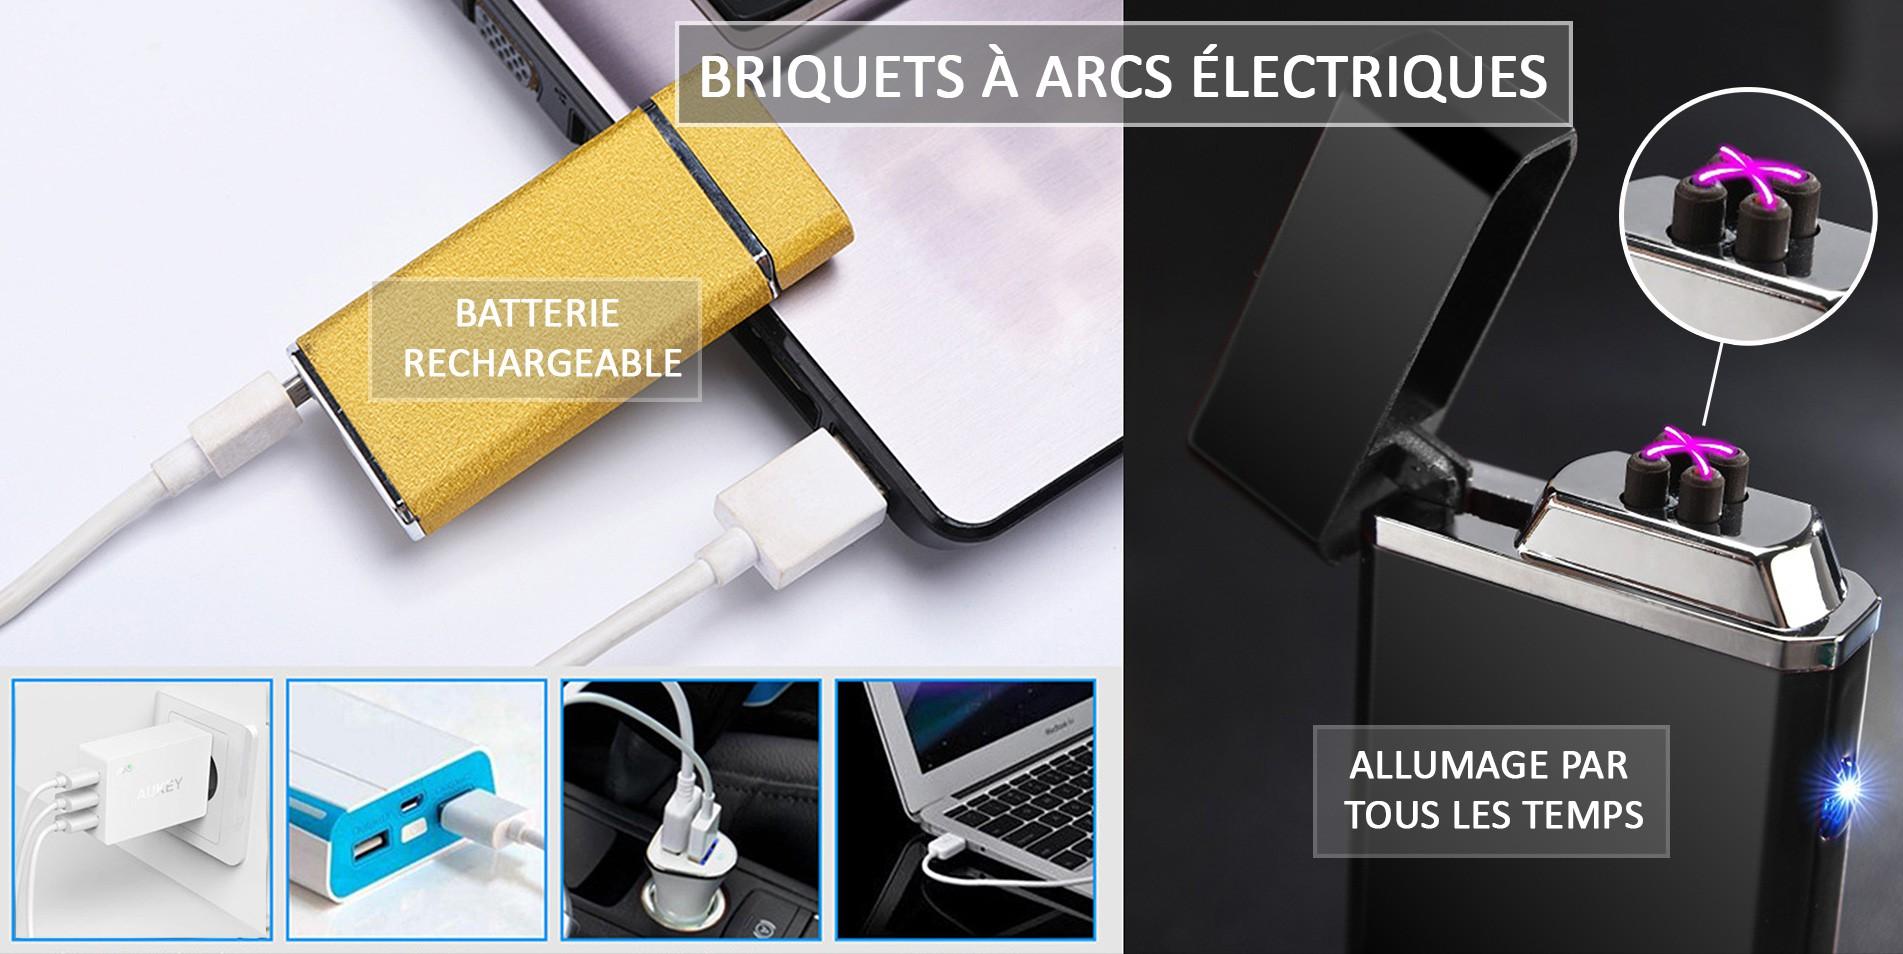 Briquets à arcs électriques